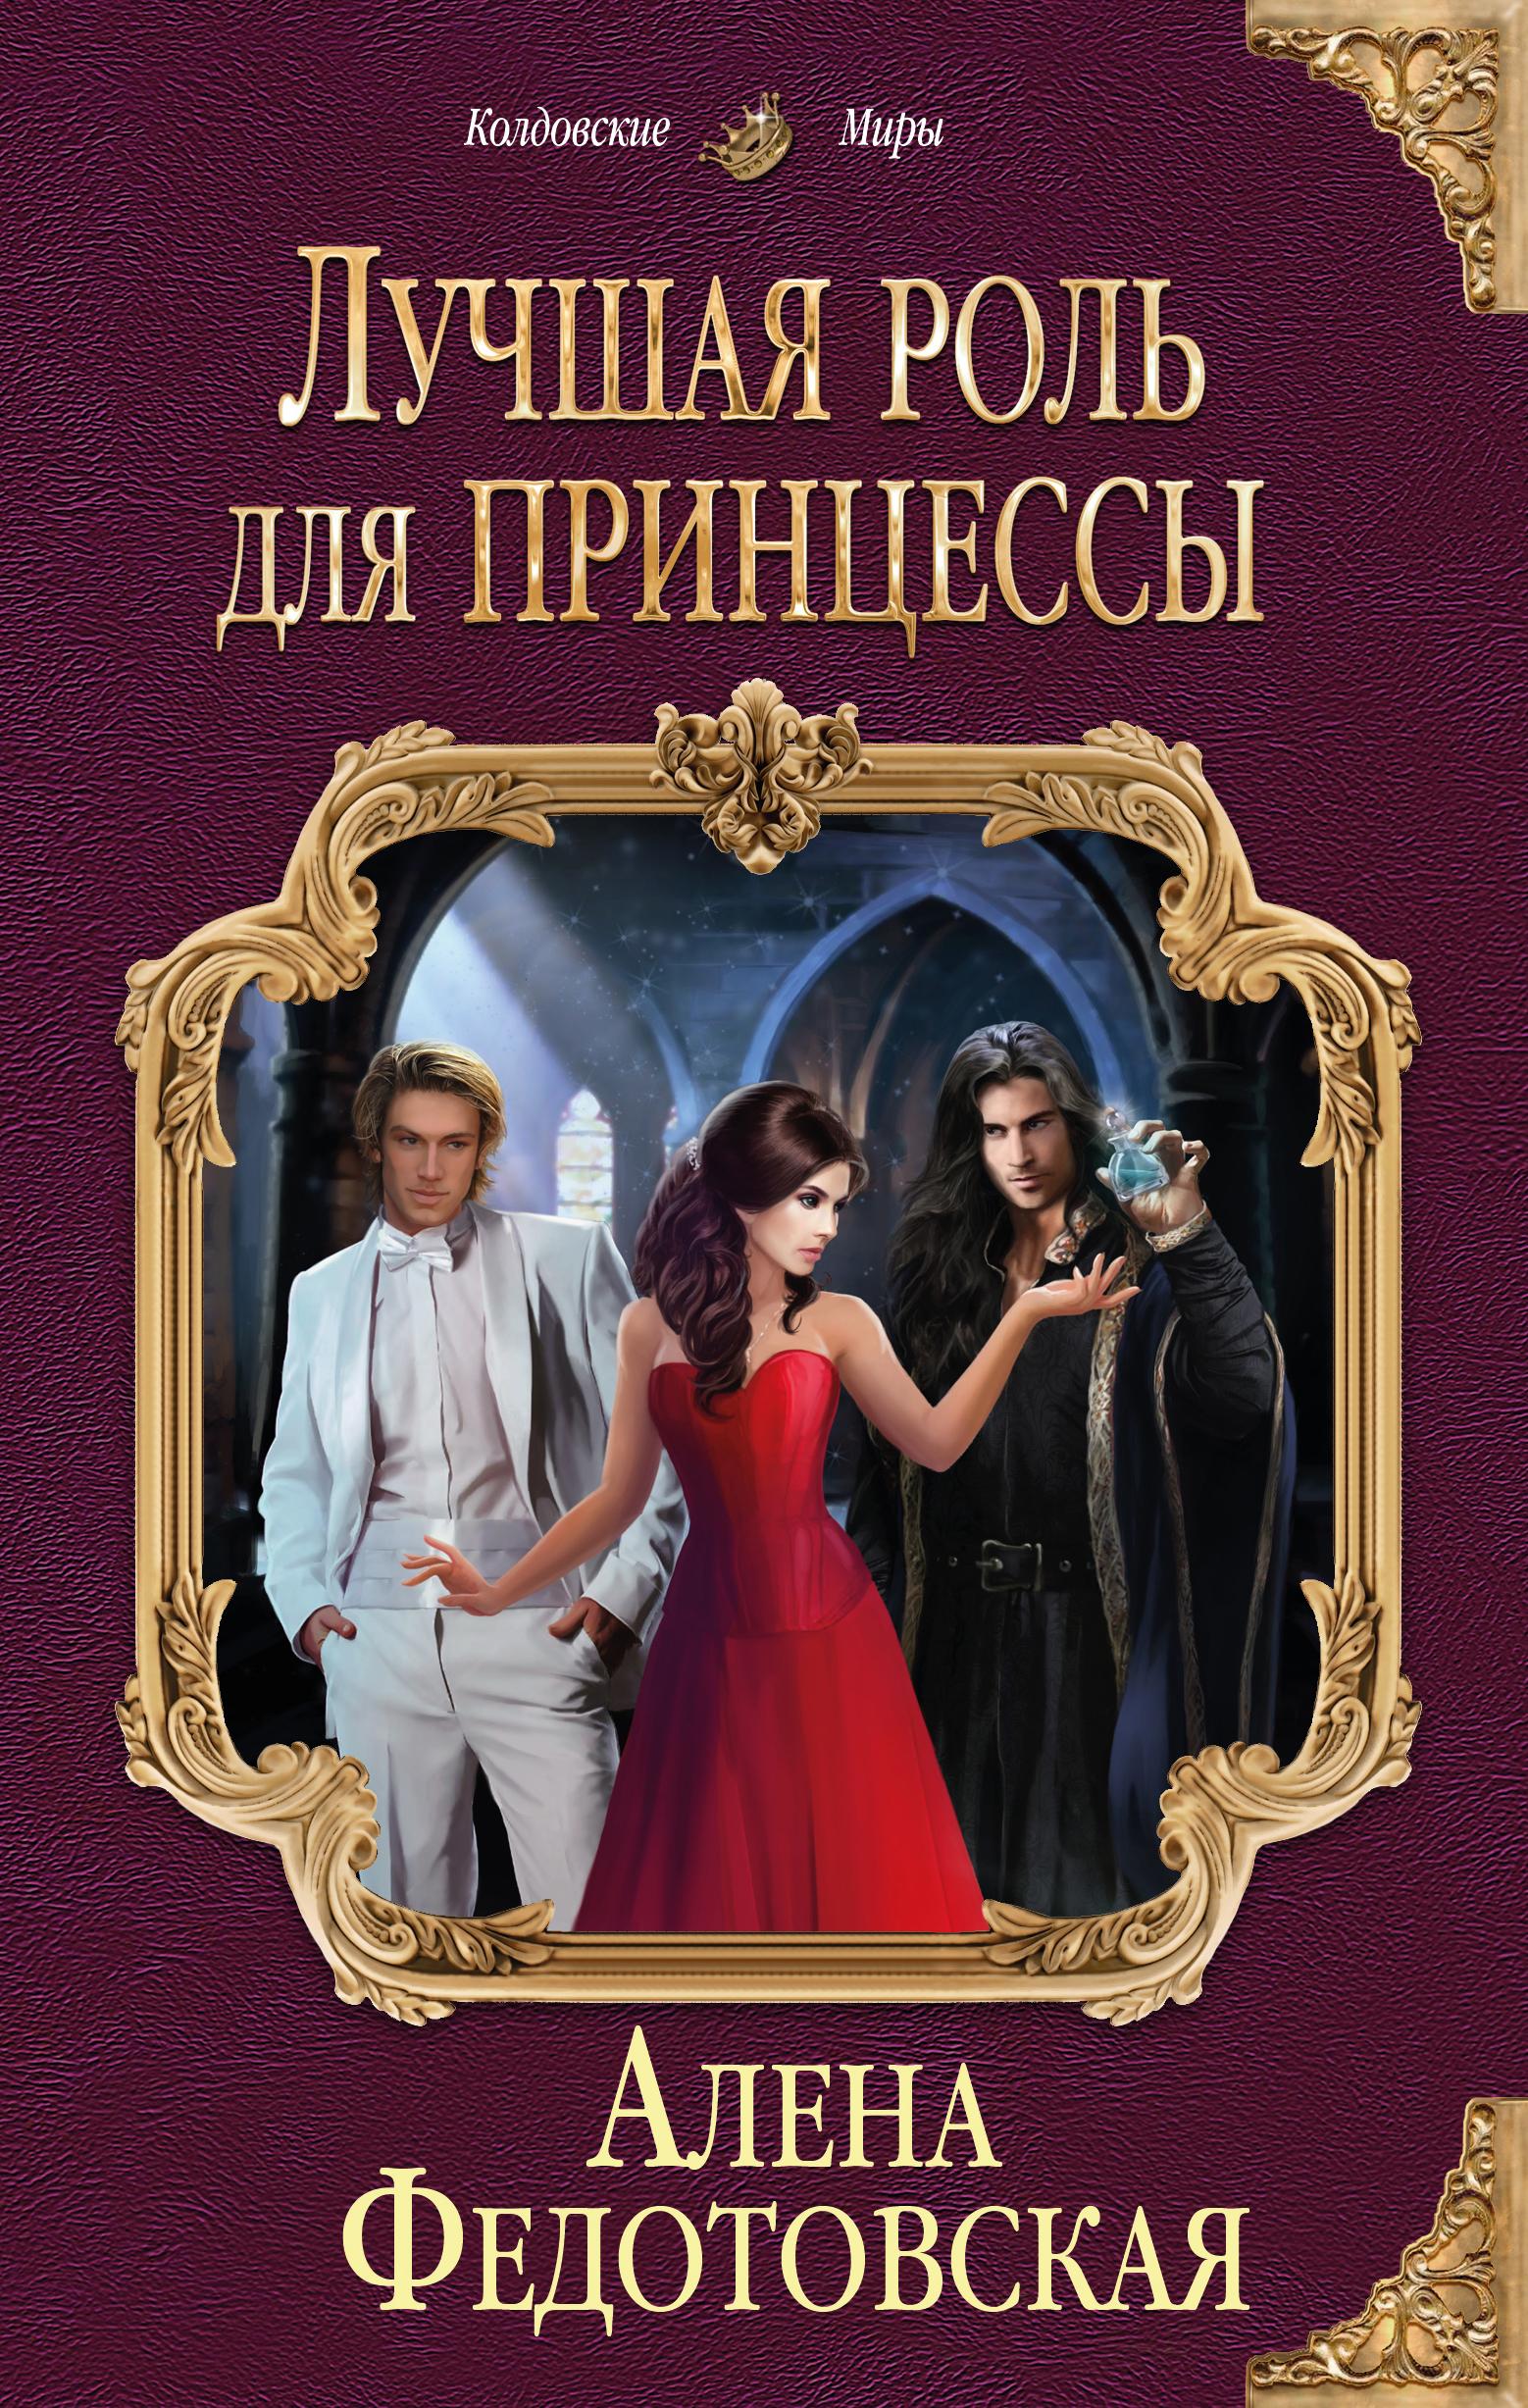 9785699952304 - Лучшая роль для принцессы - Книга